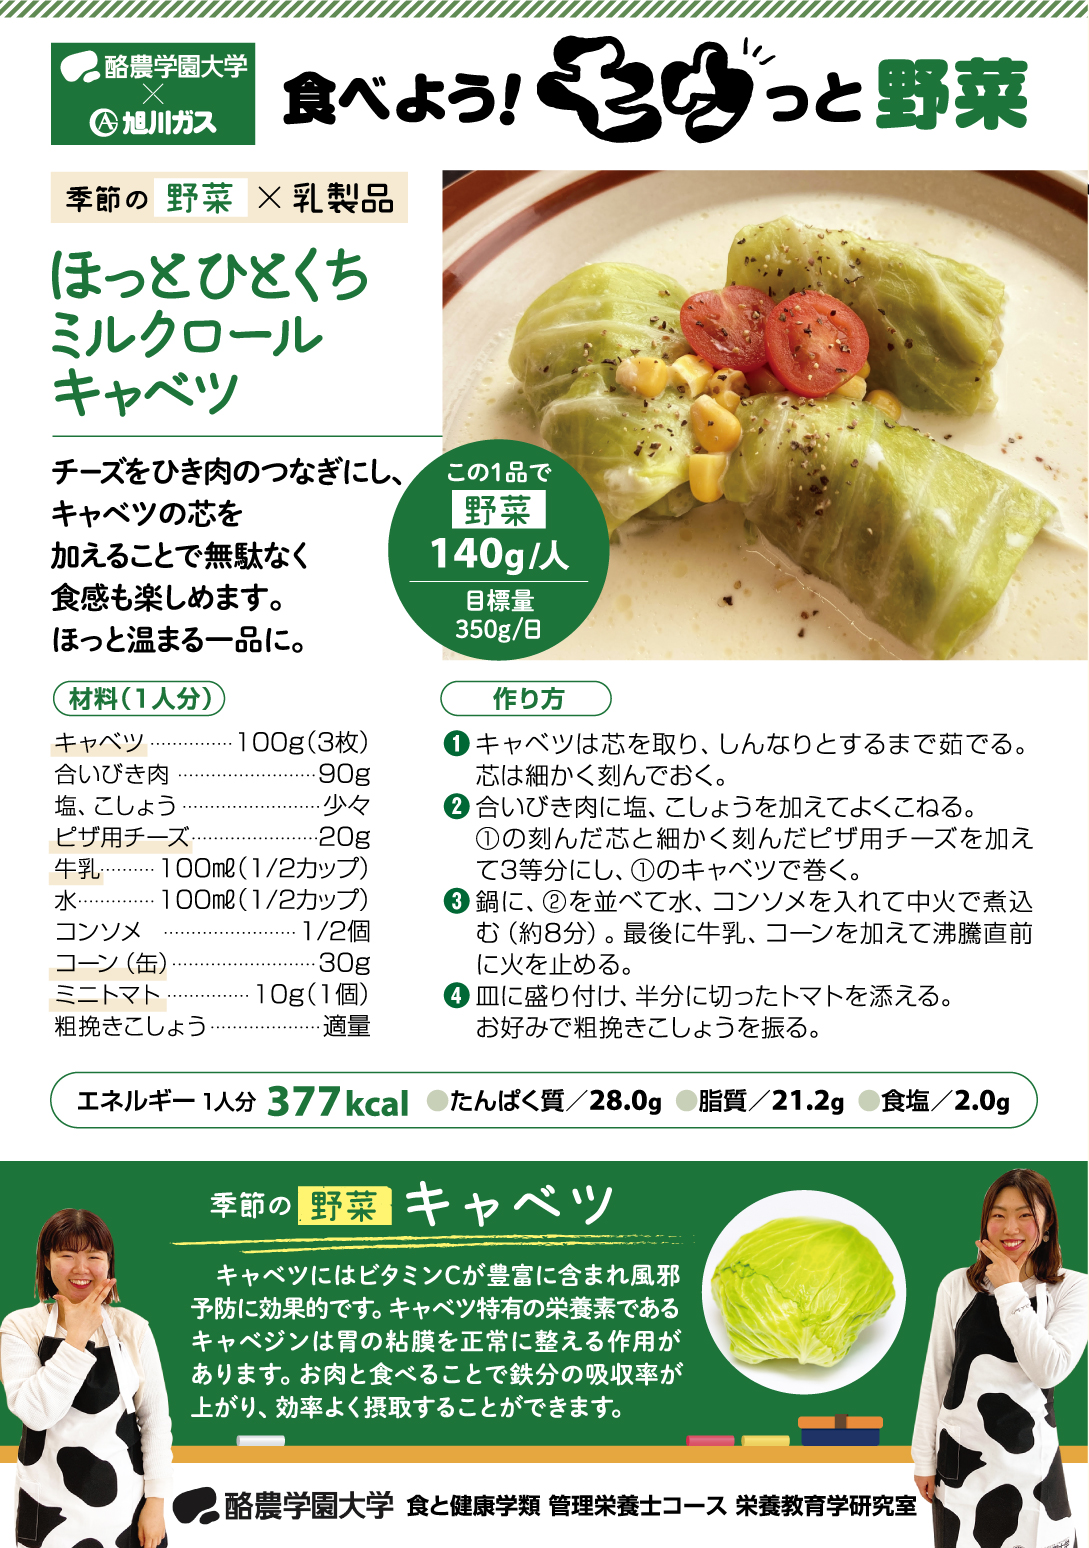 食べよう!モウっと野菜「ほっとひとくちミルクロールキャベツ」(ガスだより「ほっと」3月号より)